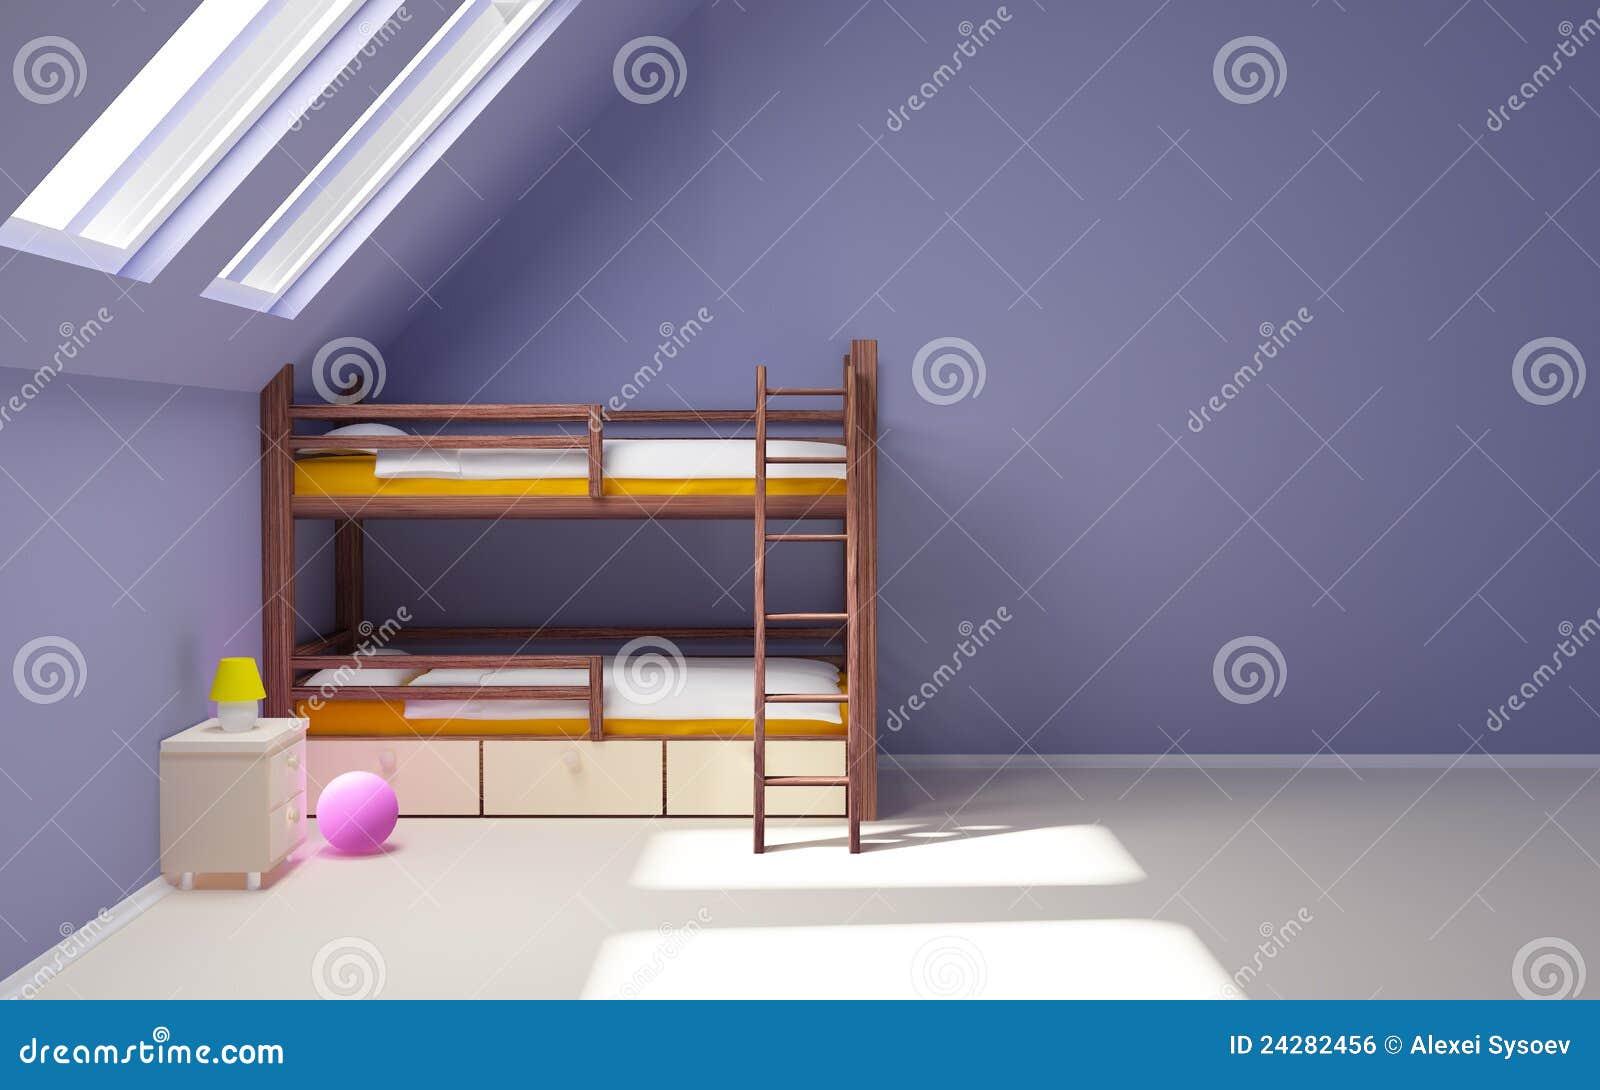 De ruimte van het kind op zolder stock illustratie afbeelding 24282456 - Ruimte van het meisje parket ...